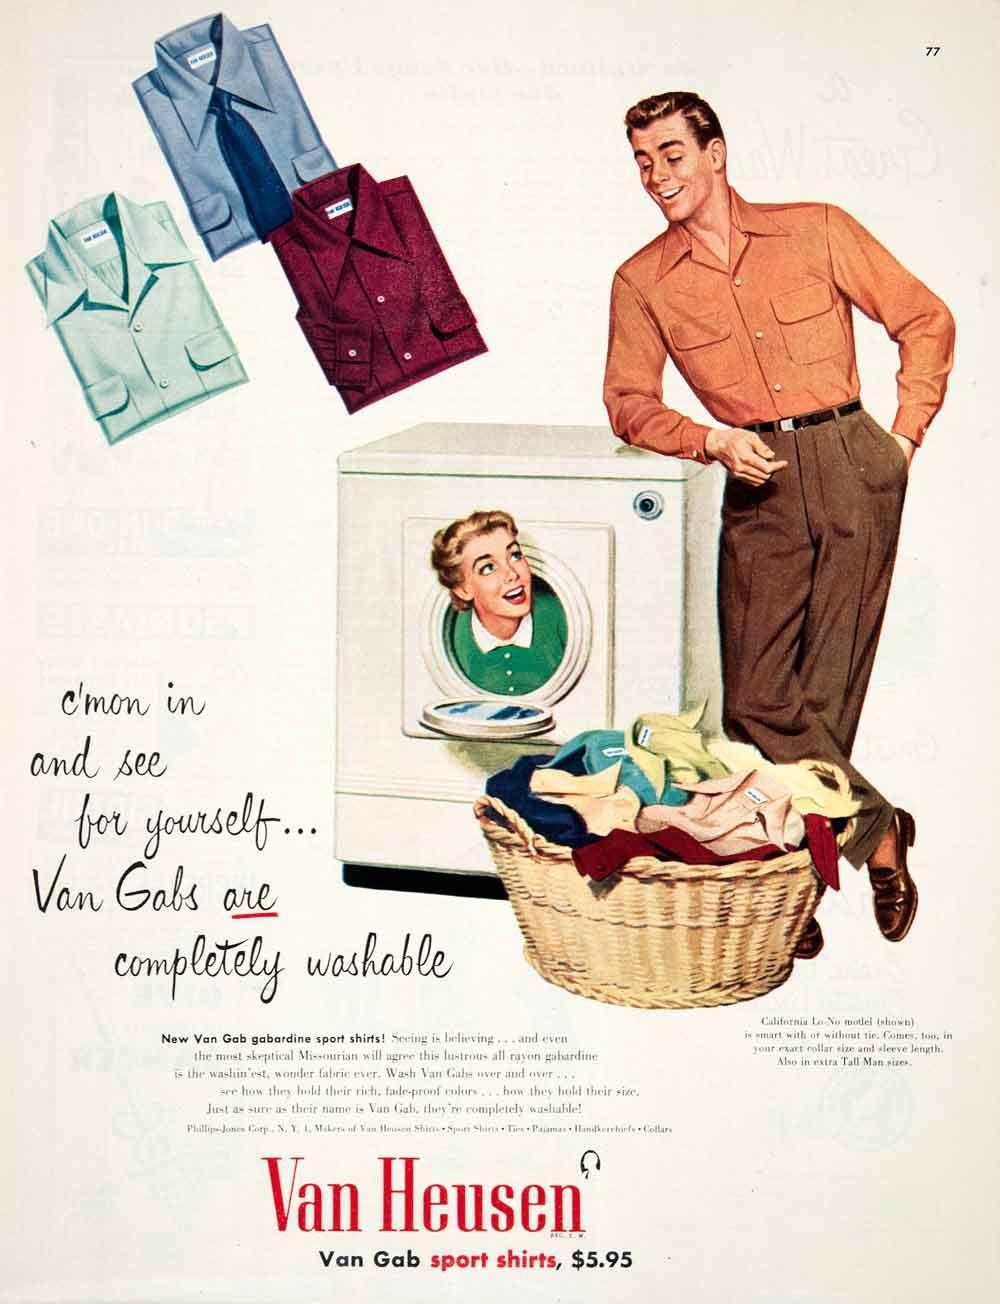 1951 Ad Van Heusen Gabardine Sport Shirt Phillips Jones Woman Washing  Machine